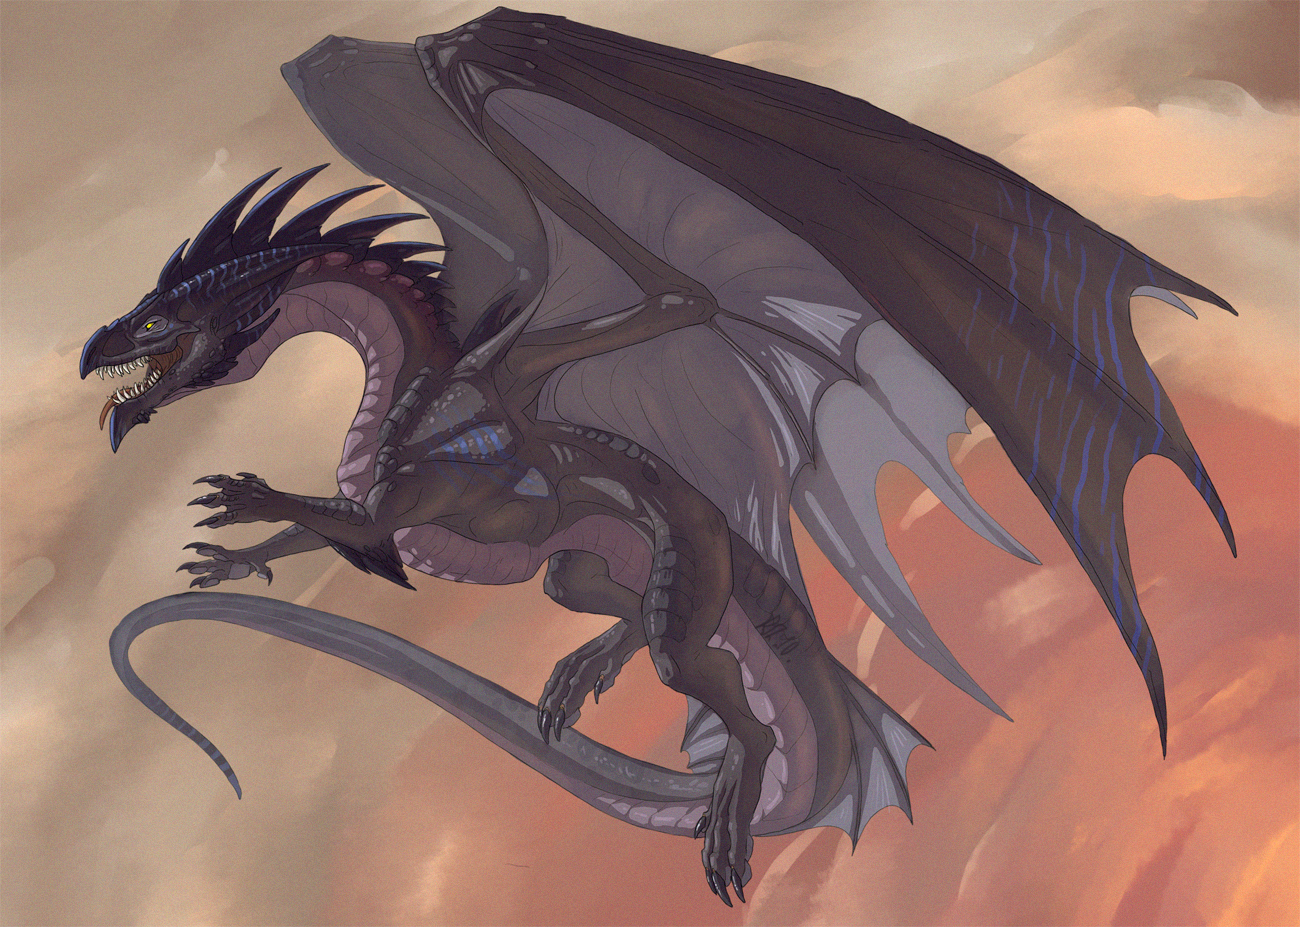 надо бороться, все про драконов с картинками далее будут